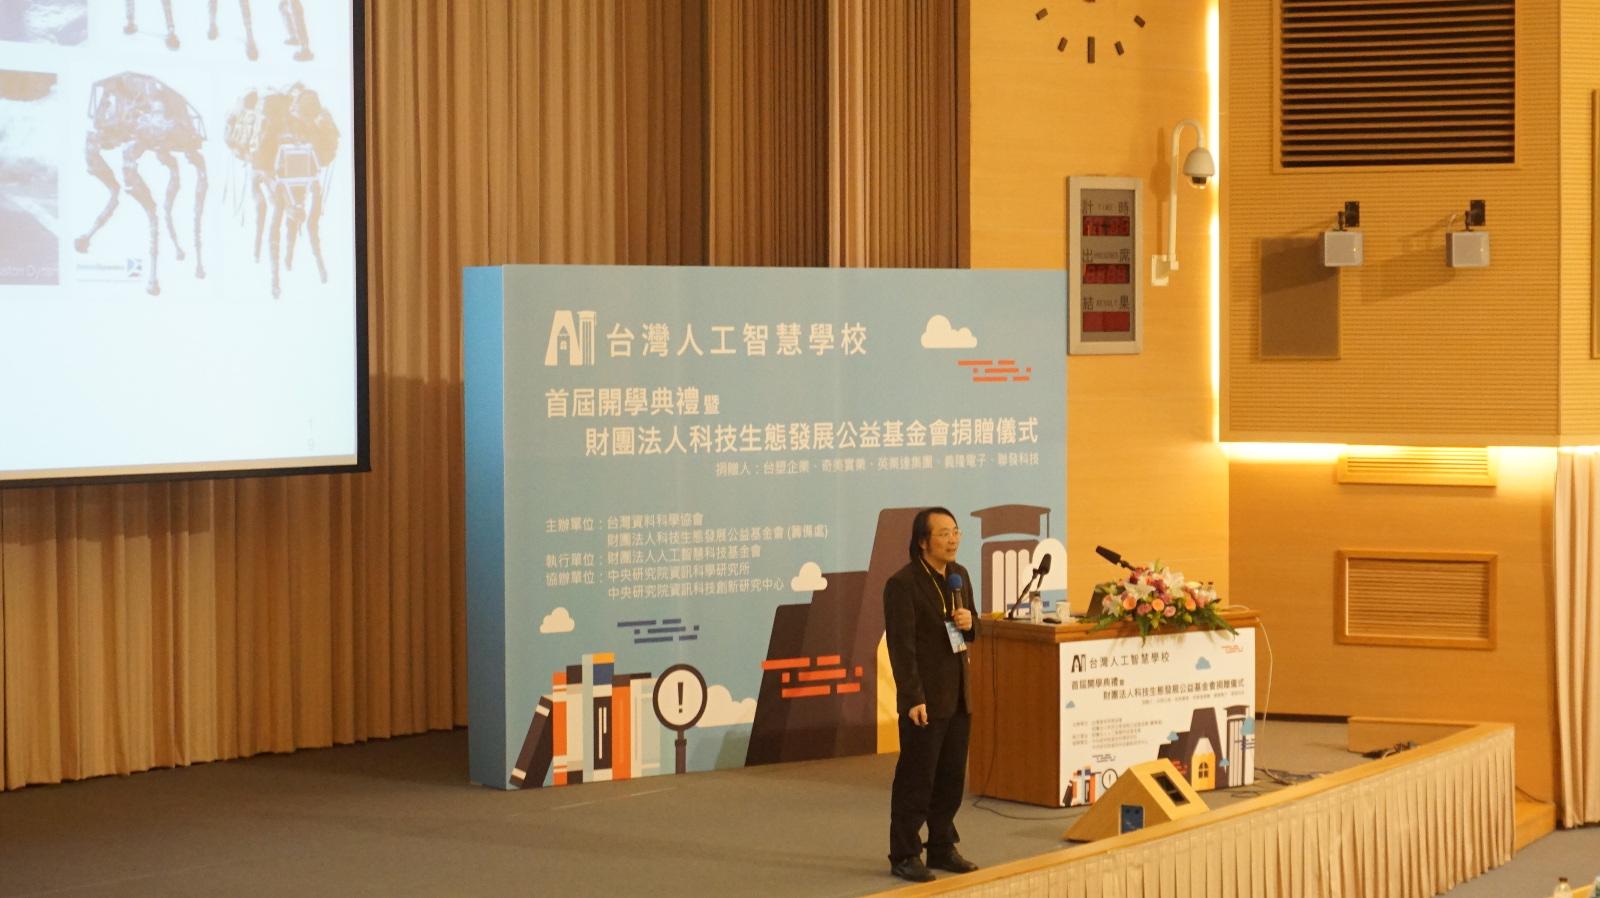 簡立峰:台灣不好不壞的狀況下,要好好認清自己優勢做事情